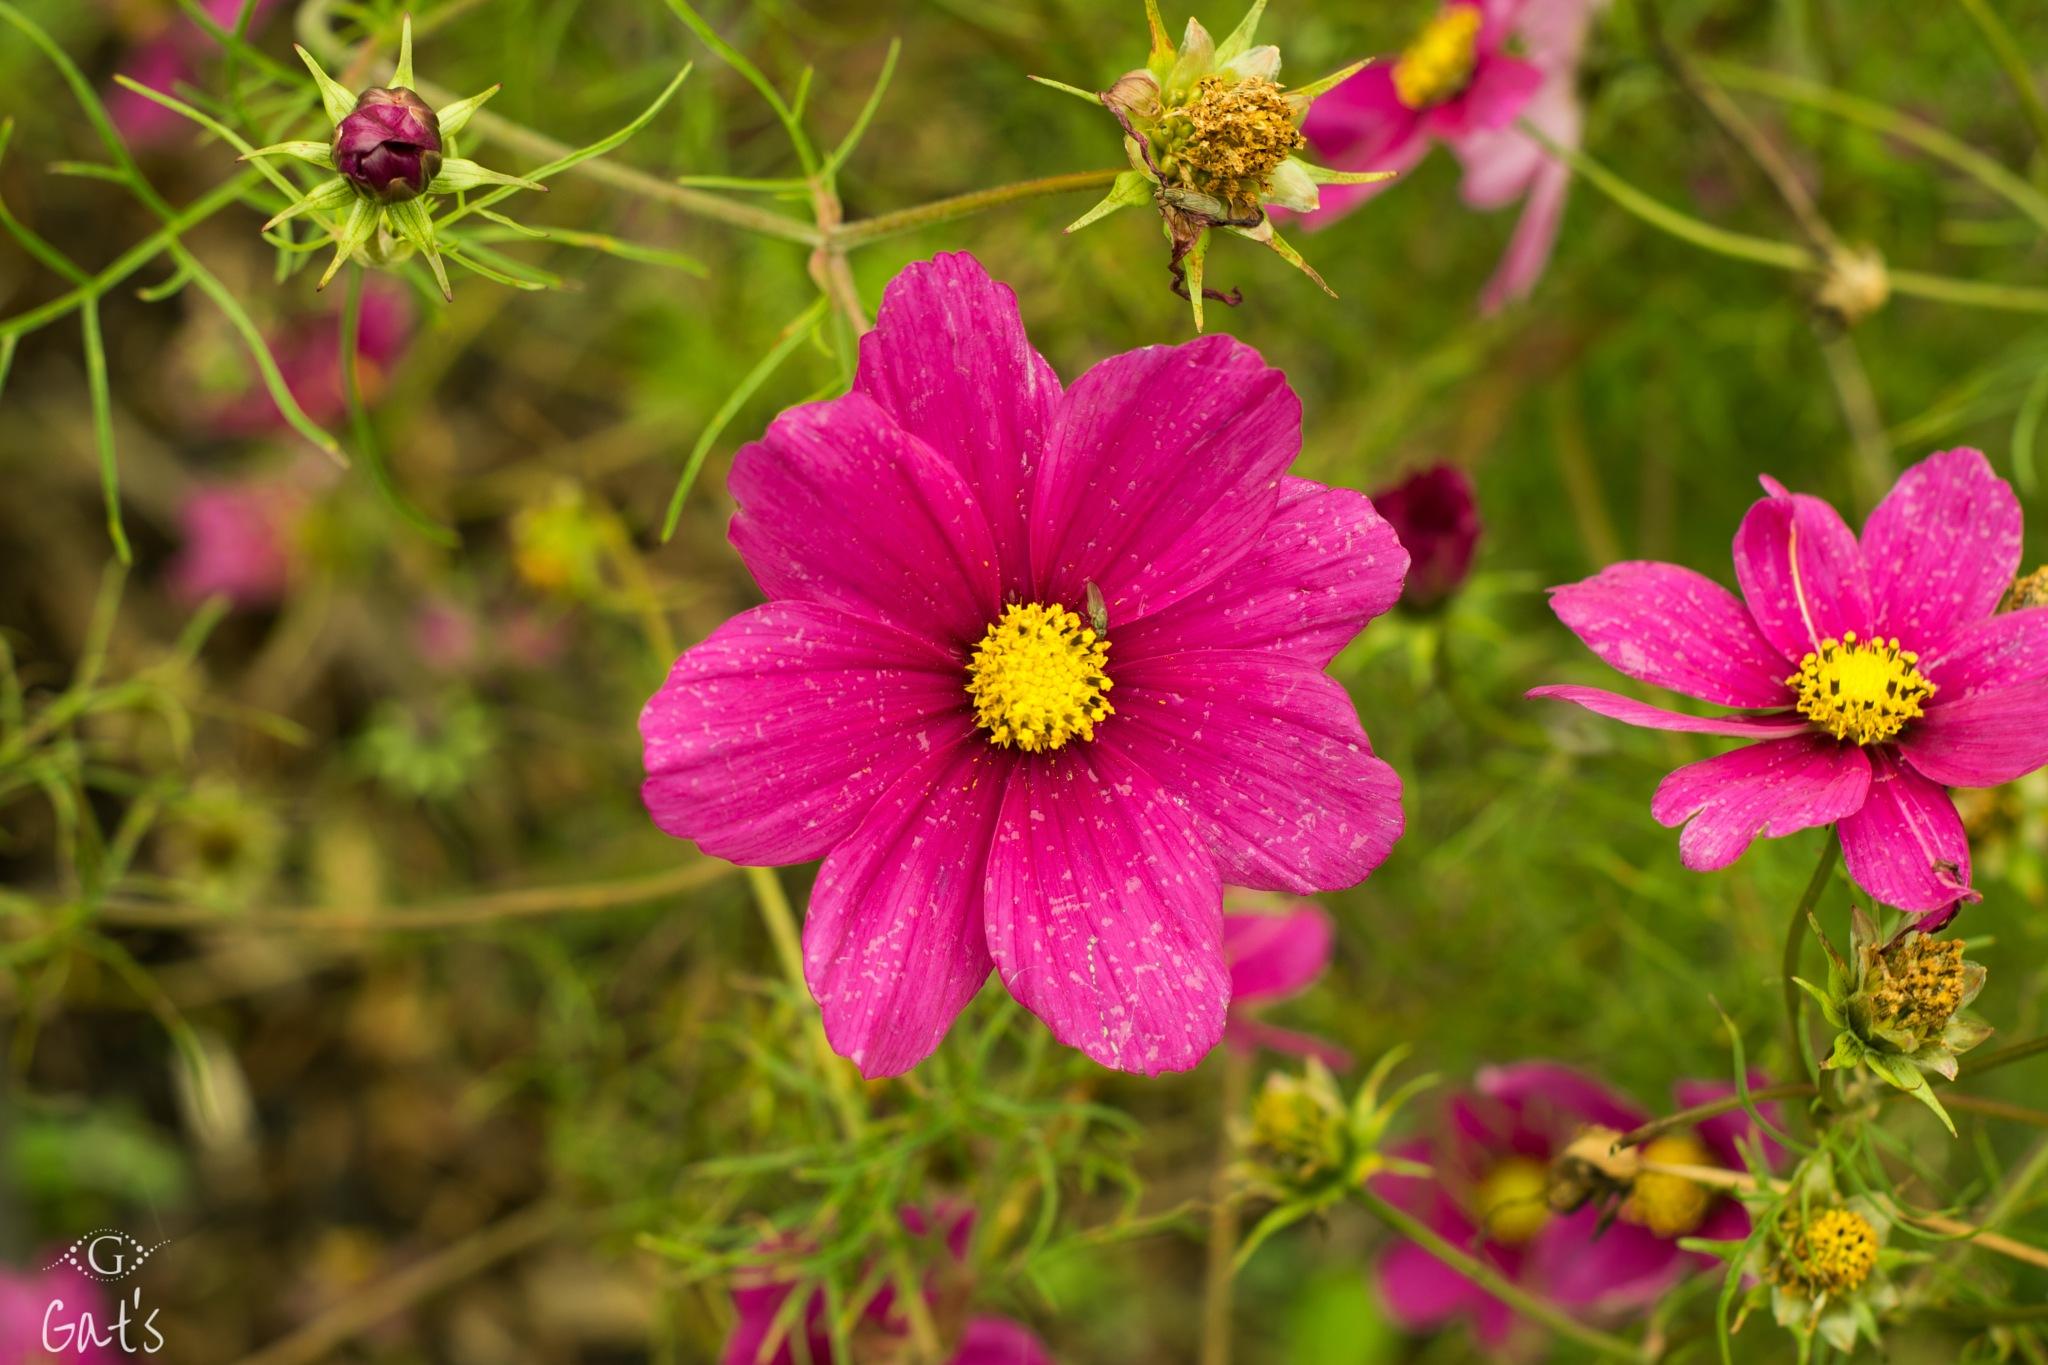 Fleur d'automne by Gats BXL